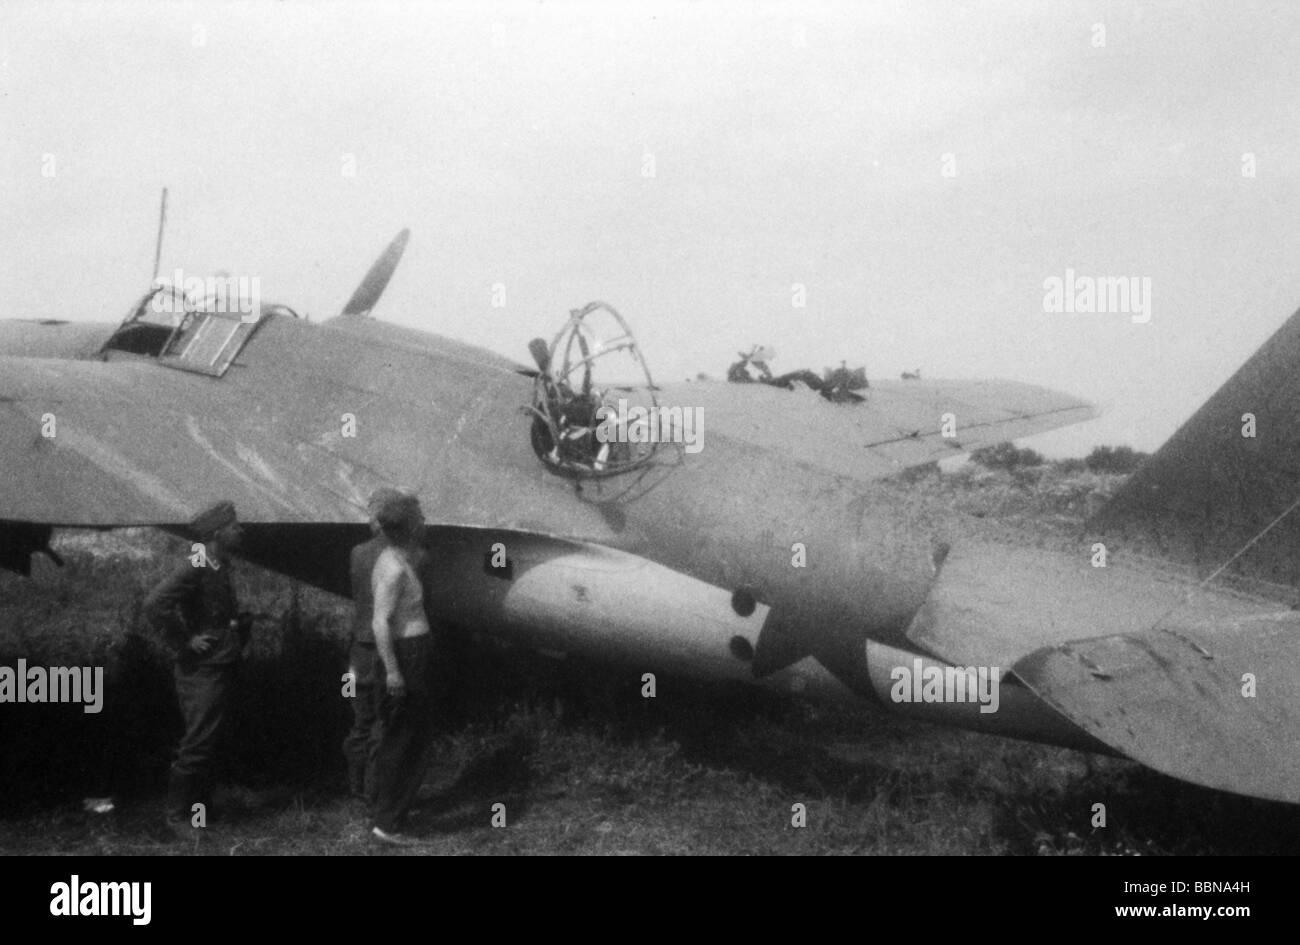 Soviet aircraft of the Second World War